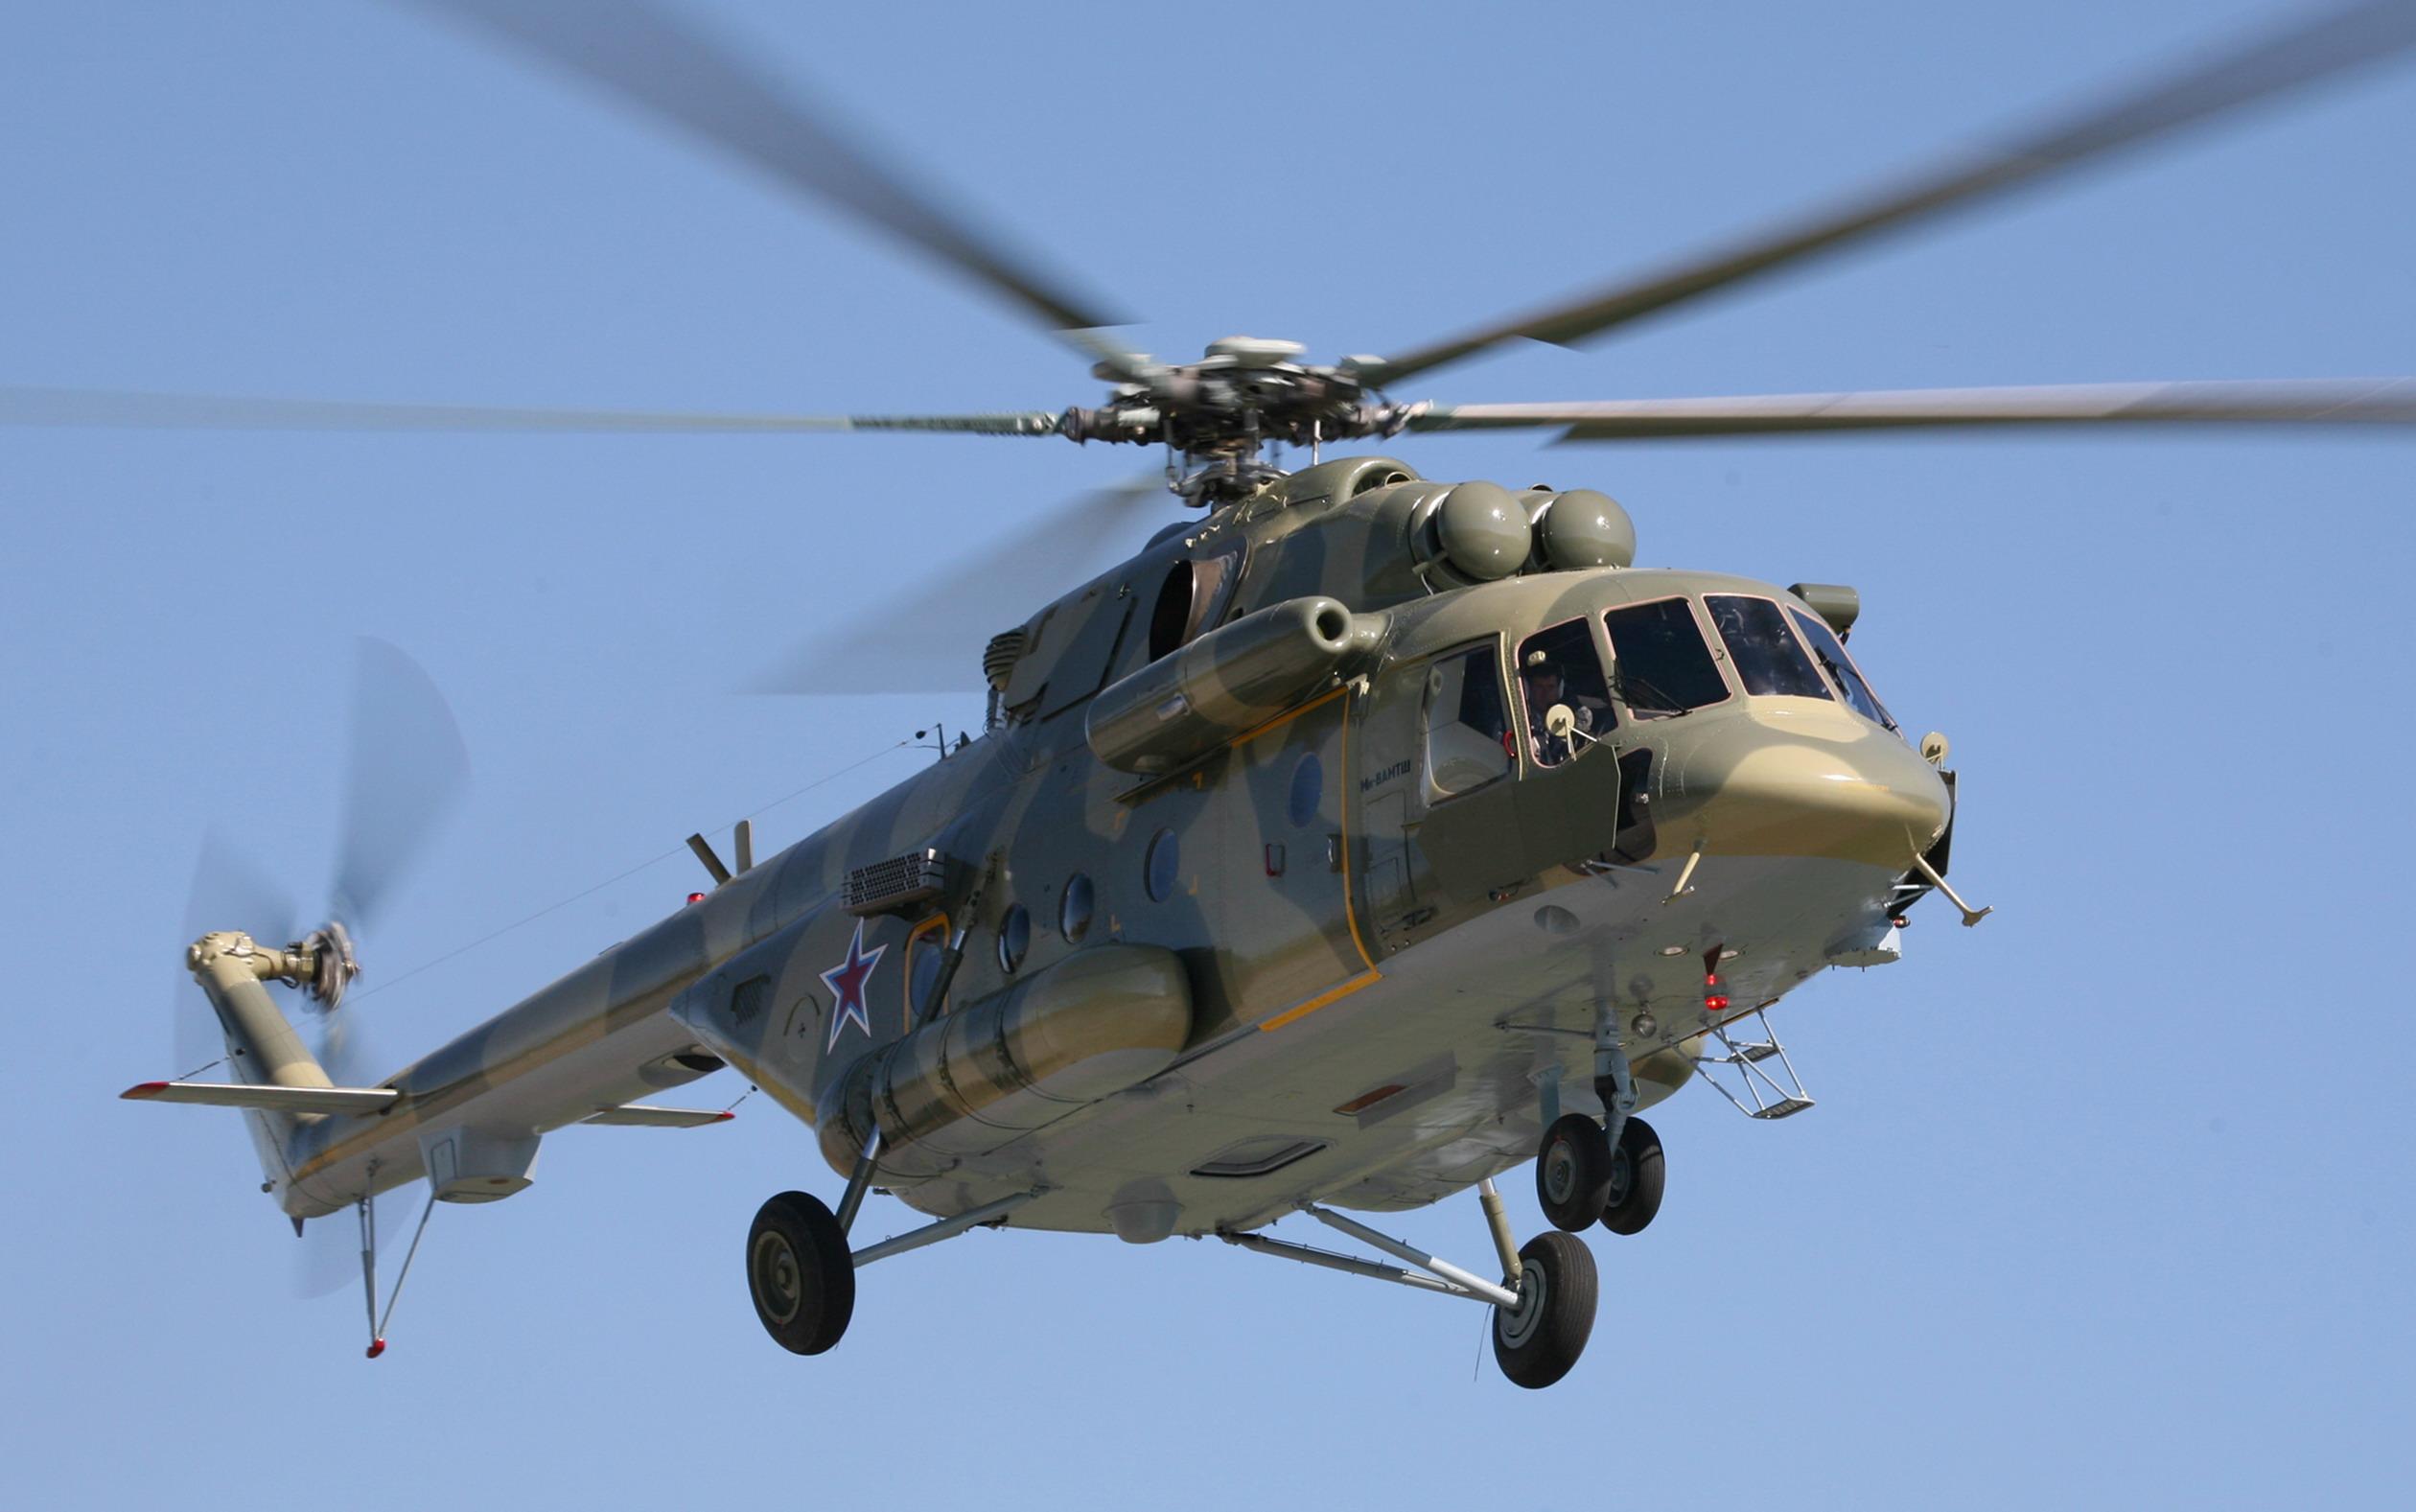 Вертолет Ми-8АМТШ. Источник: telegrafist.org